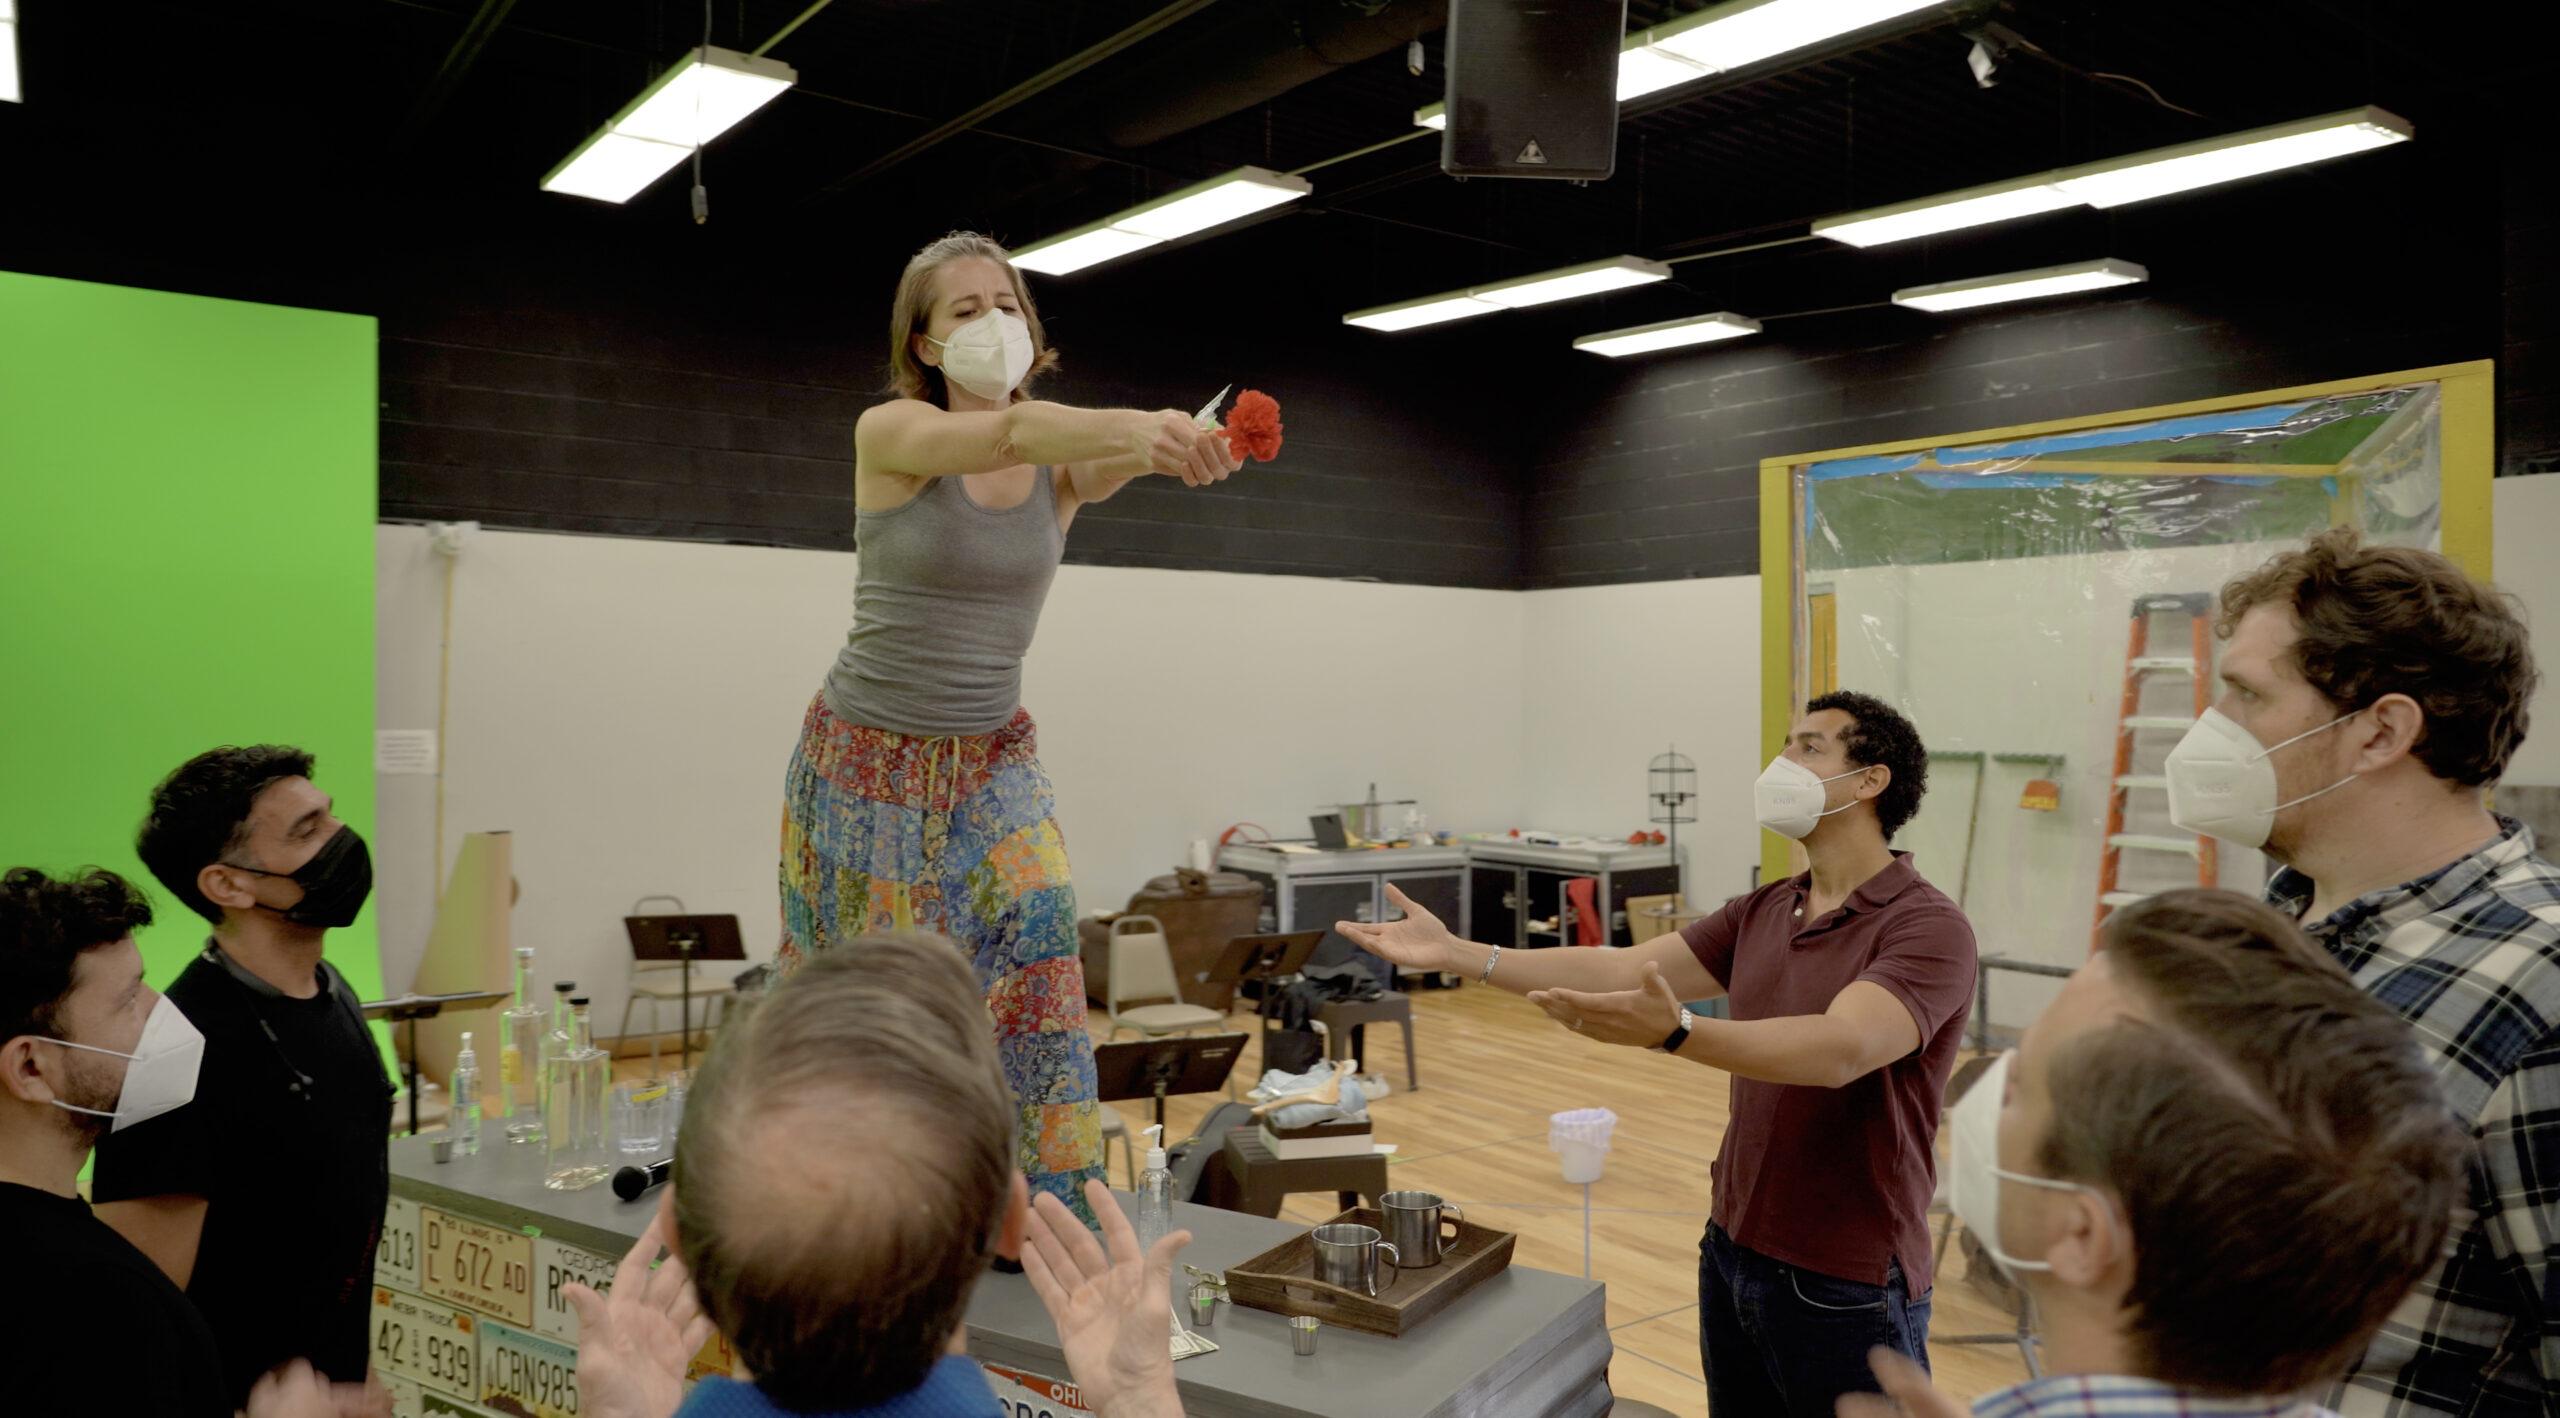 In rehearsal for a scene Carmen at The Atlanta Opera's home rehearsal studio. (credit: Felipe Barral)